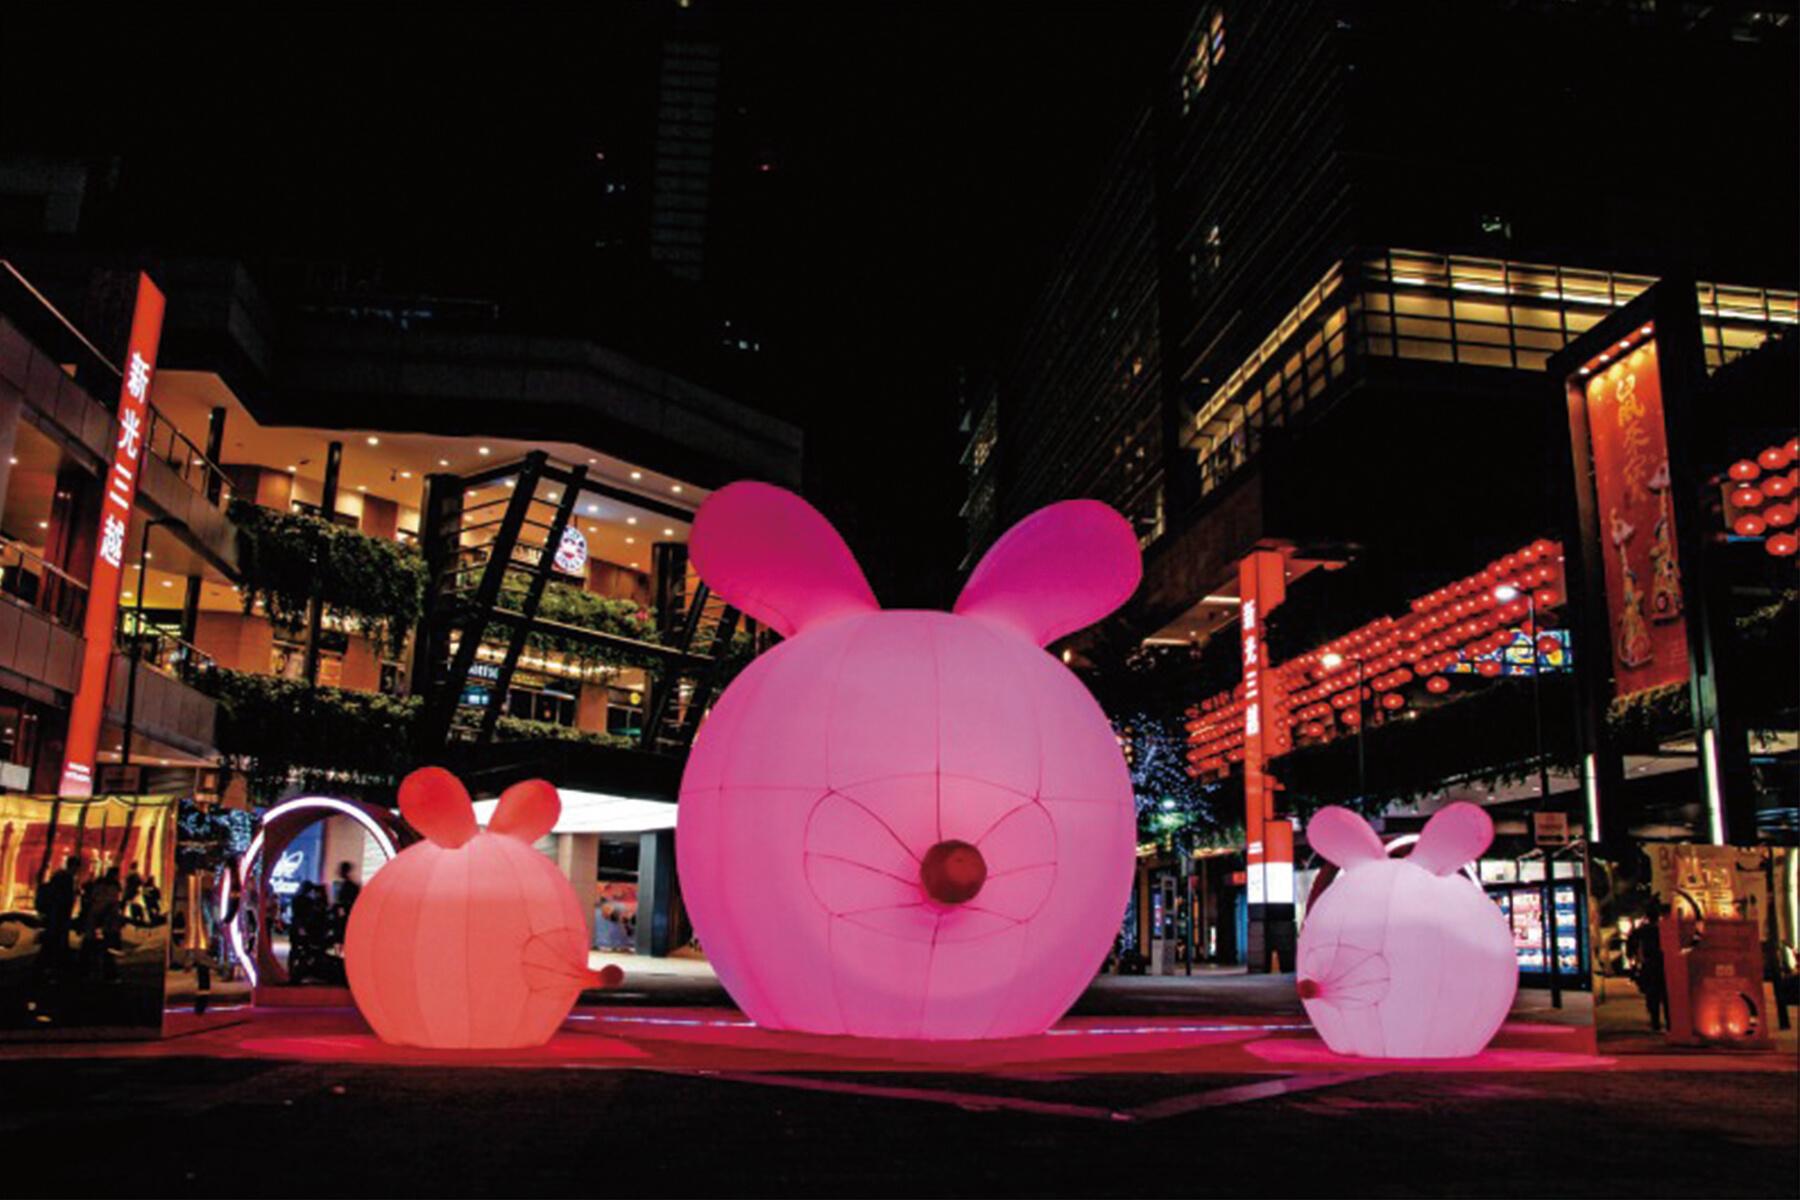 【自由時報】心有所鼠燈節+情人節 作公益更有愛 代表圖